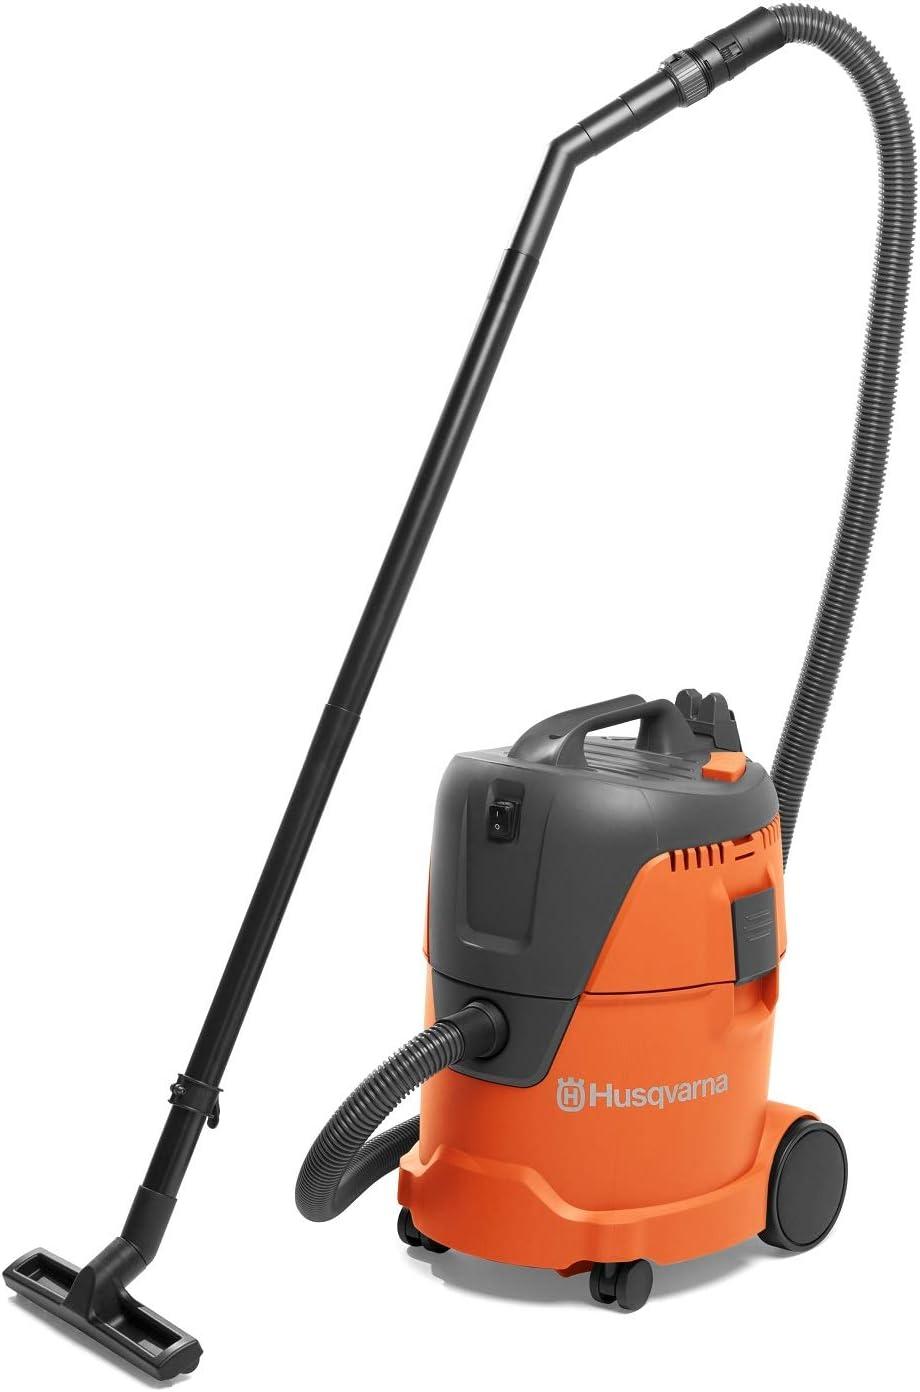 Husqvarna 967983806 WDC 225 Wet & Dry Vacuum Cleaner, Orange